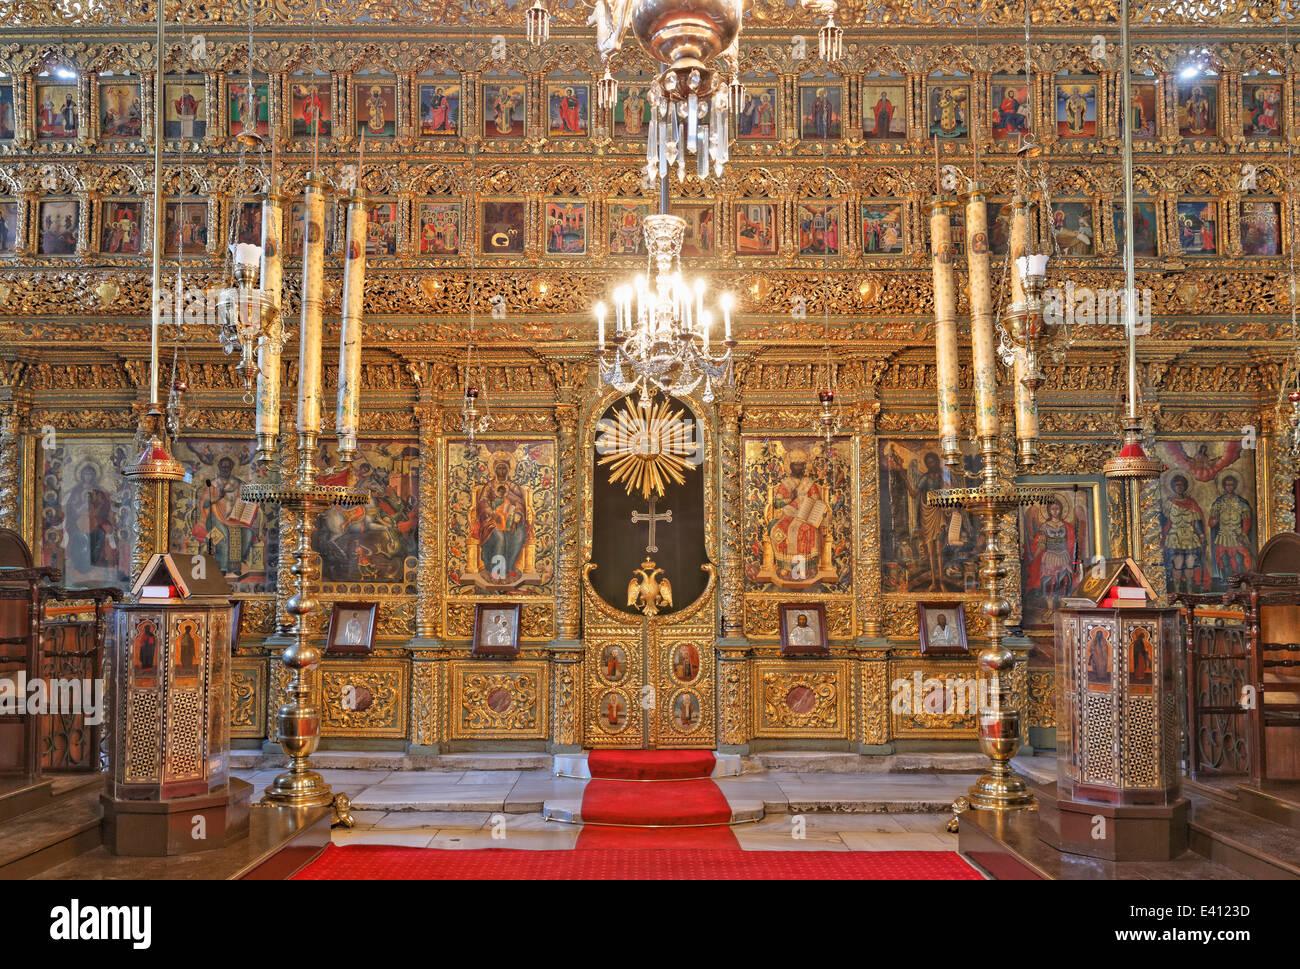 Turchia, Istanbul, Fatih, Chiesa di San Giorgio Foto stock - Alamy